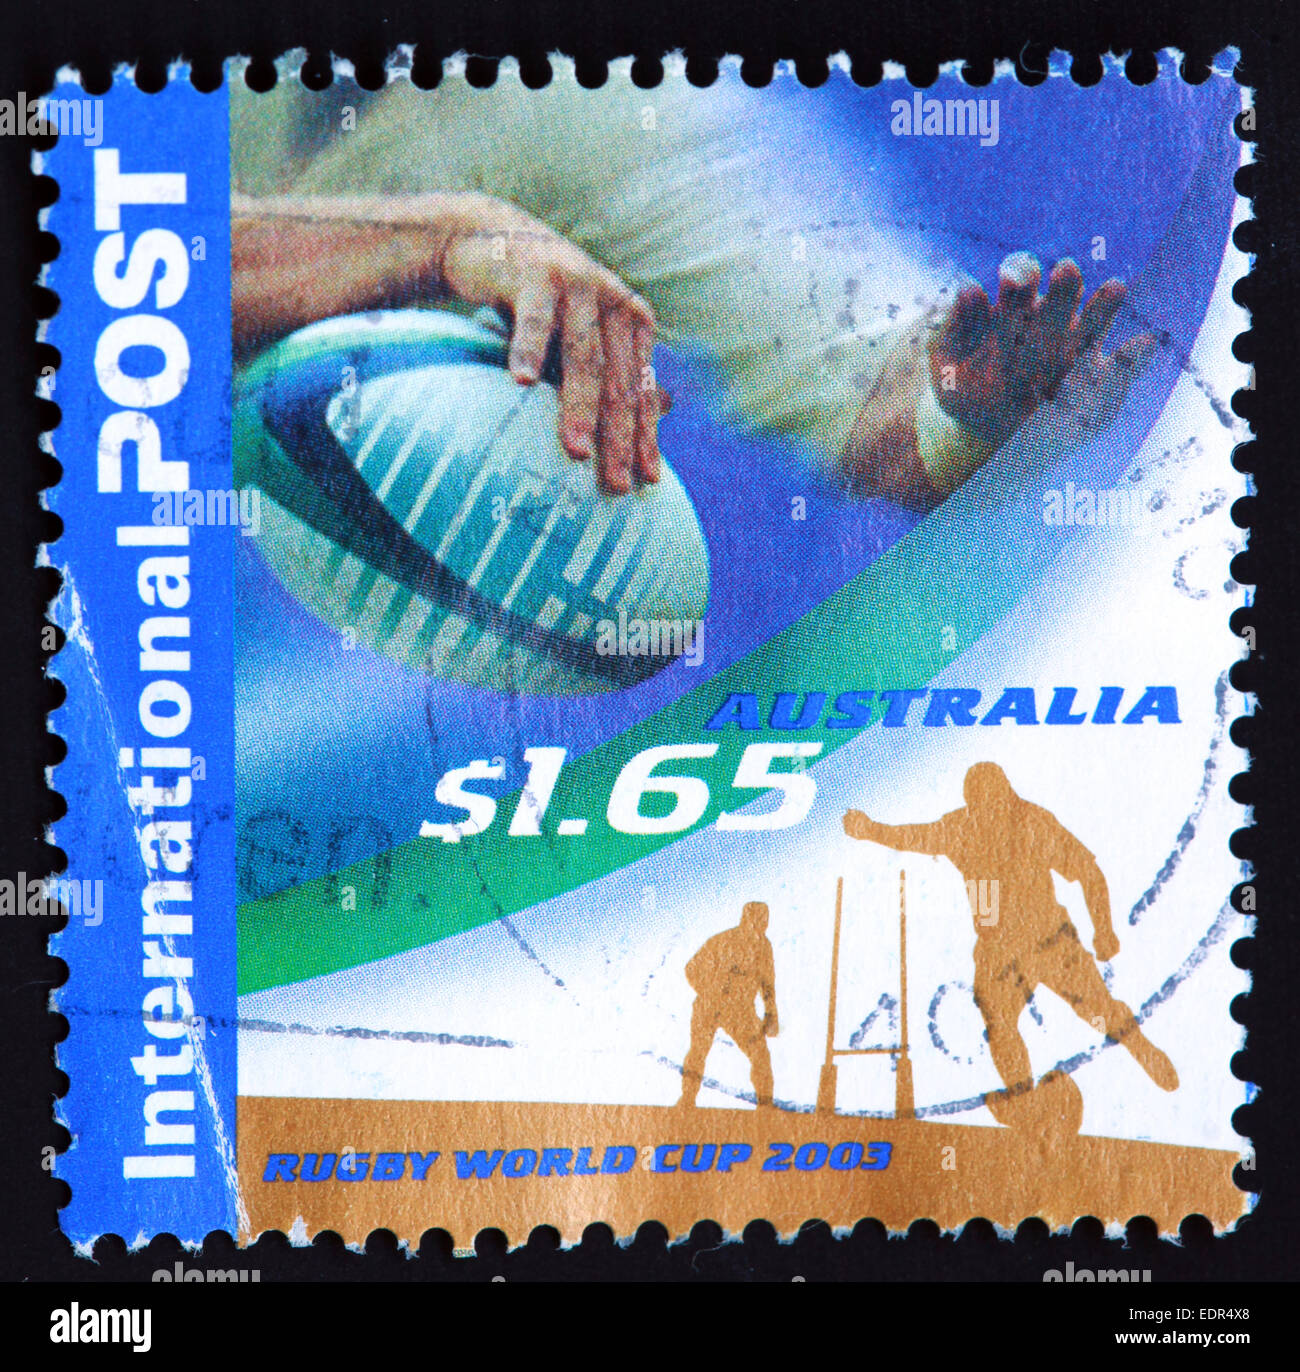 Utilizado y el matasellos Australia / sello australiano $1.65 la Rugby World Cup 2003 Foto de stock